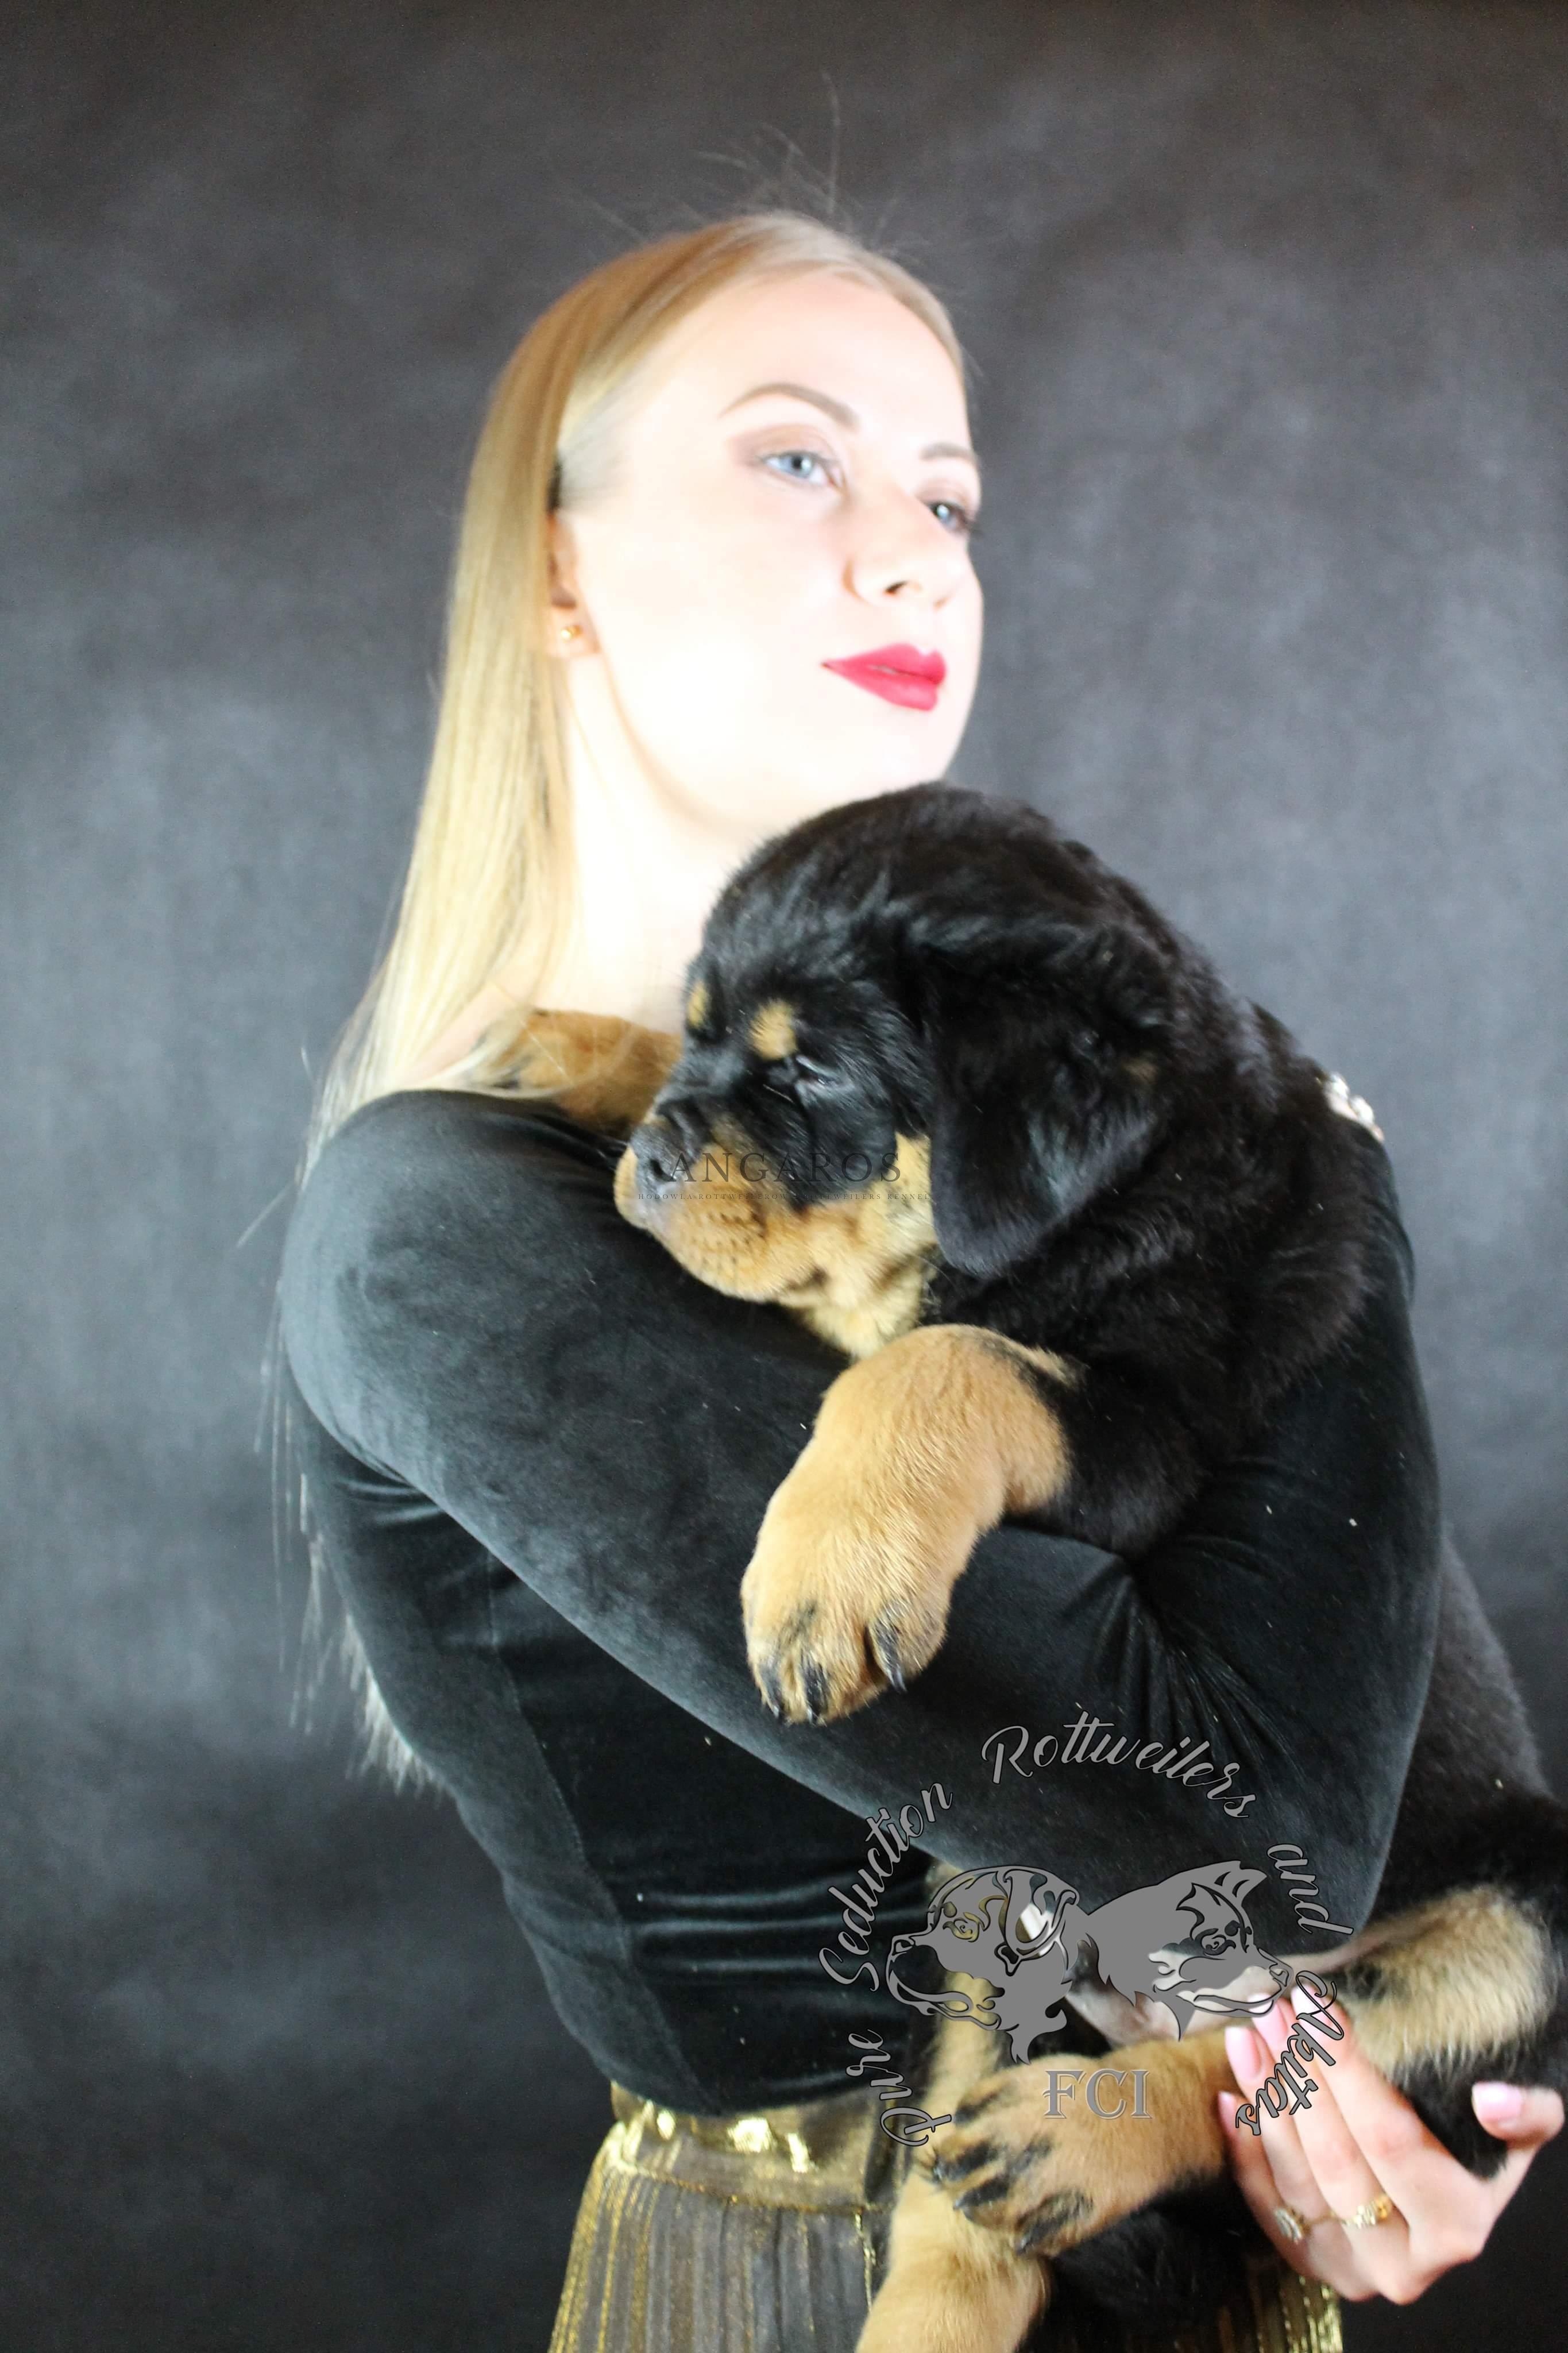 Polecamy przepięknego wyselekcjonowanego syna DIESLA Angaros. Maluch dostępny tylko dla prawdziwego miłośnika rasy! | Rottweiler - Hodowla Rottweilerów Angaros - Rottweilers - Rottweilery